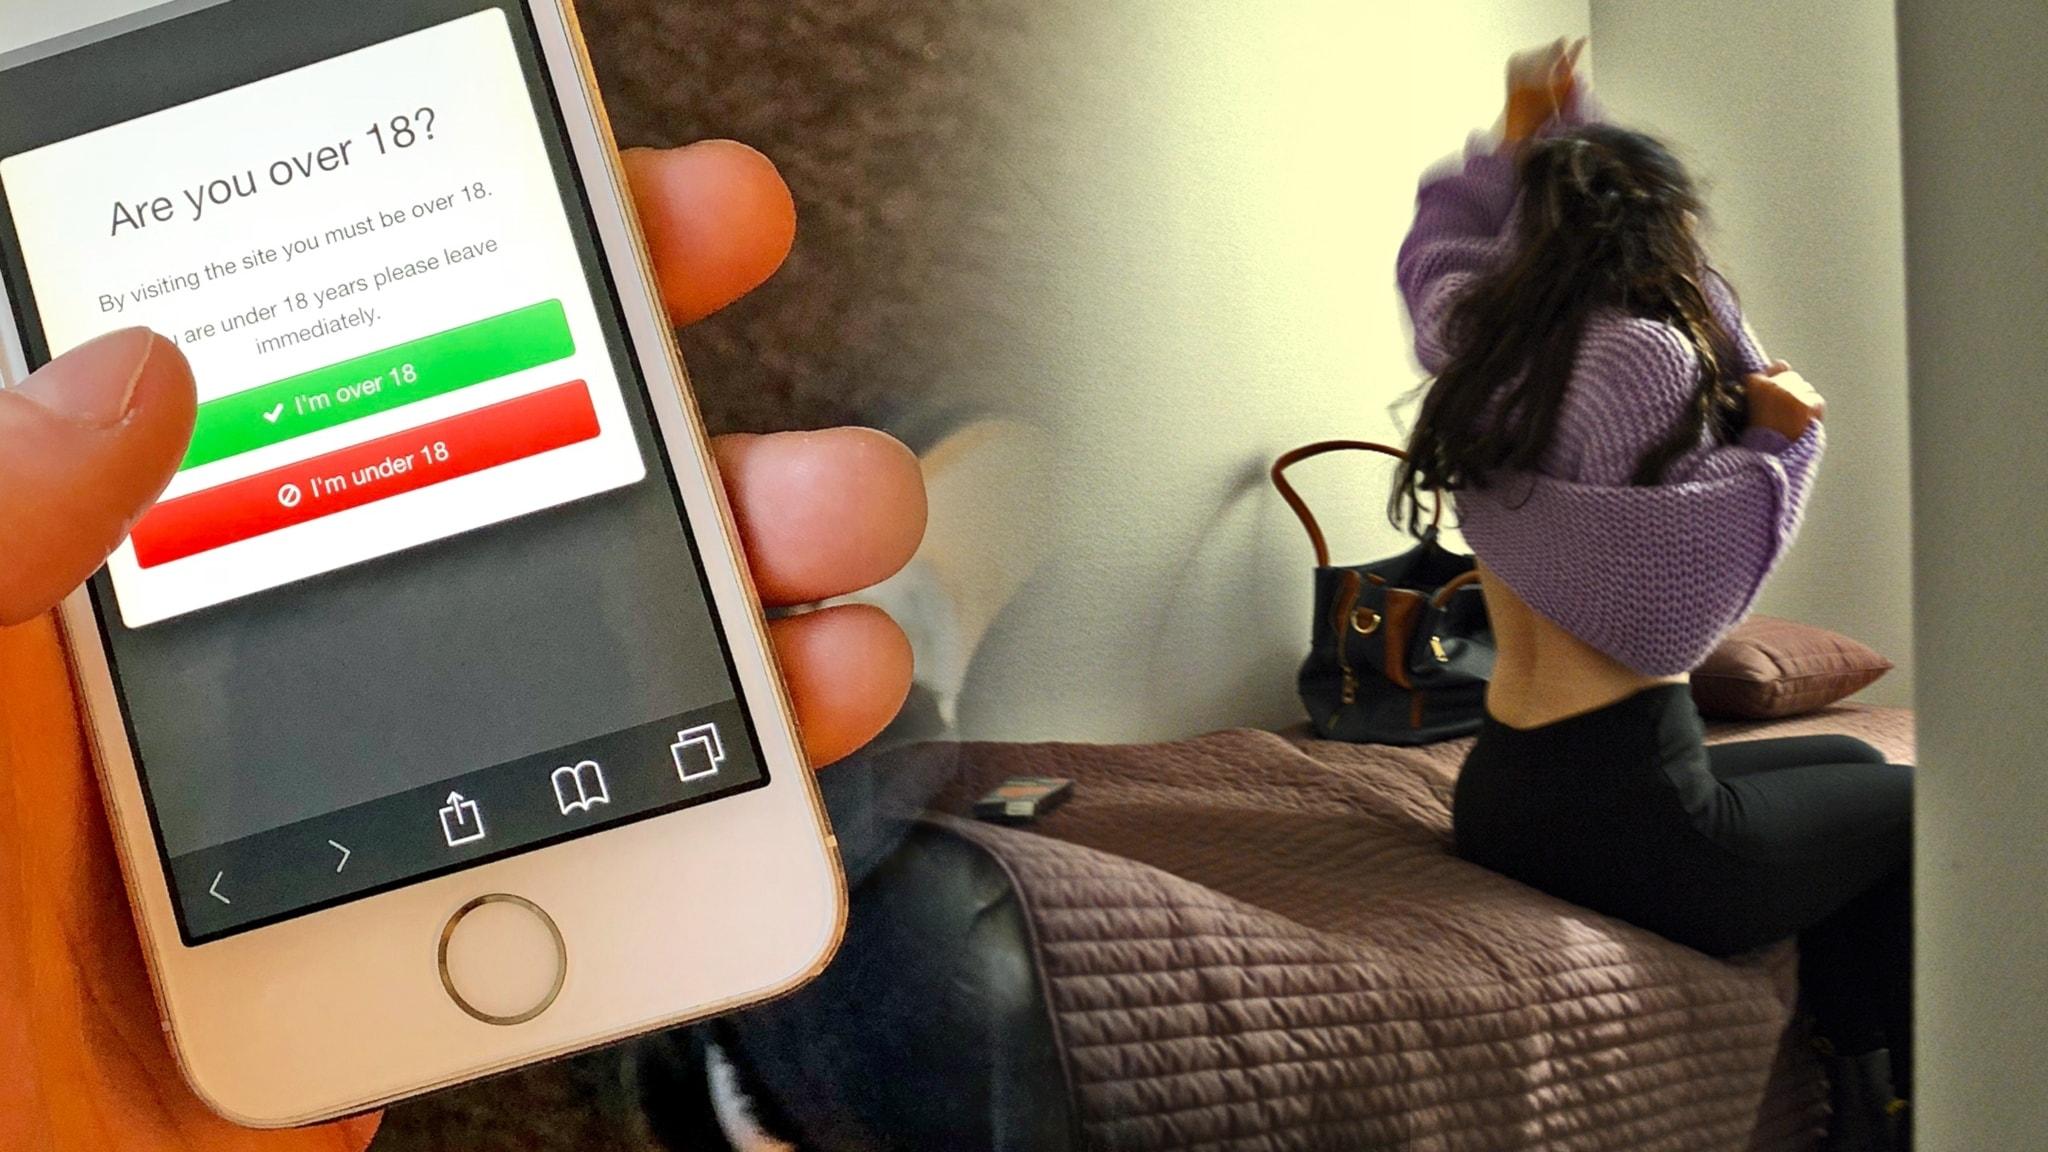 Match con free dating sites in sweden thaimassage halland